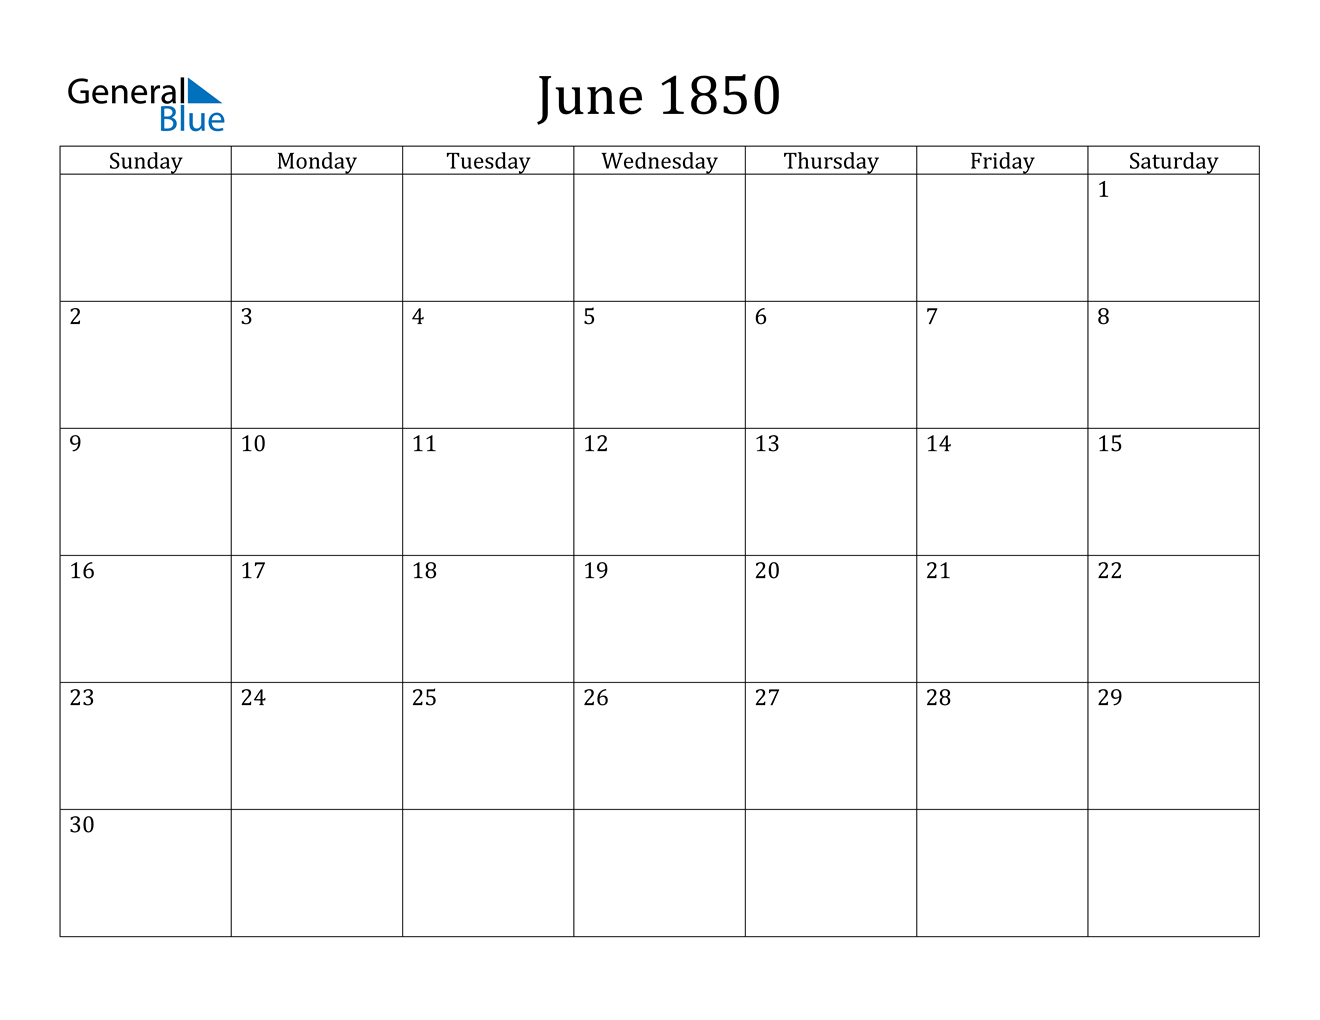 Image of June 1850 Calendar